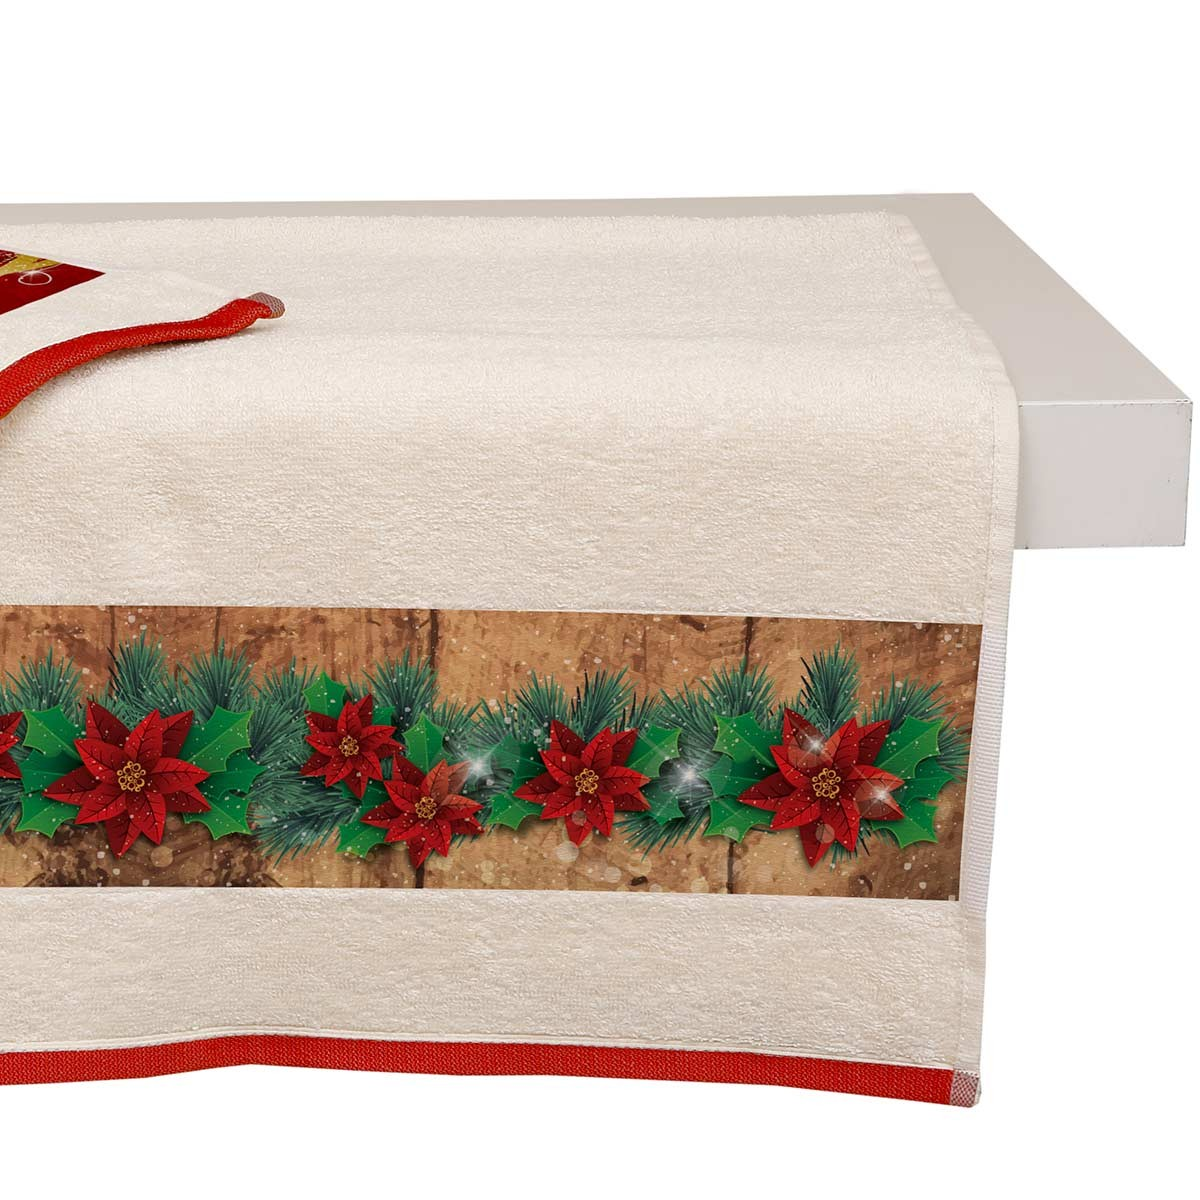 Χριστουγεννιάτικη Πετσέτα Προσώπου (50x90) Viopros 3302 home   χριστουγεννιάτικα   χριστουγεννιάτικες πετσέτες